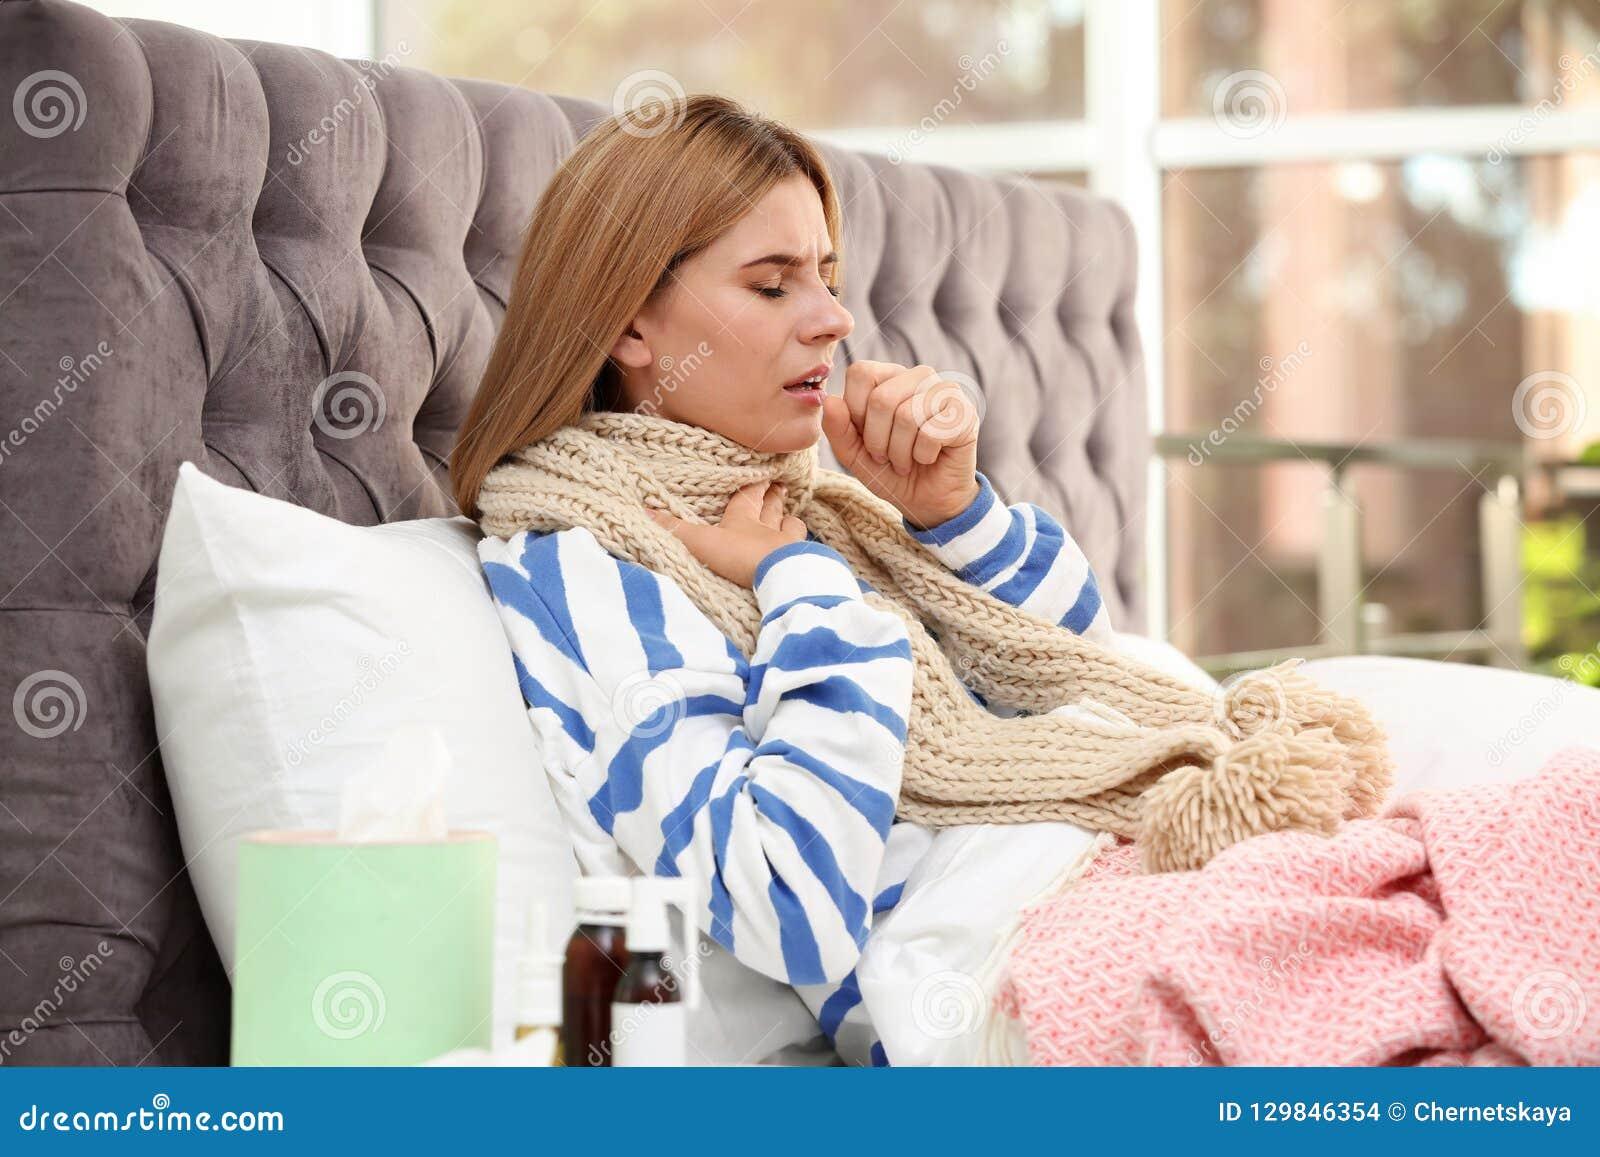 Страдание женщины от кашля и холода